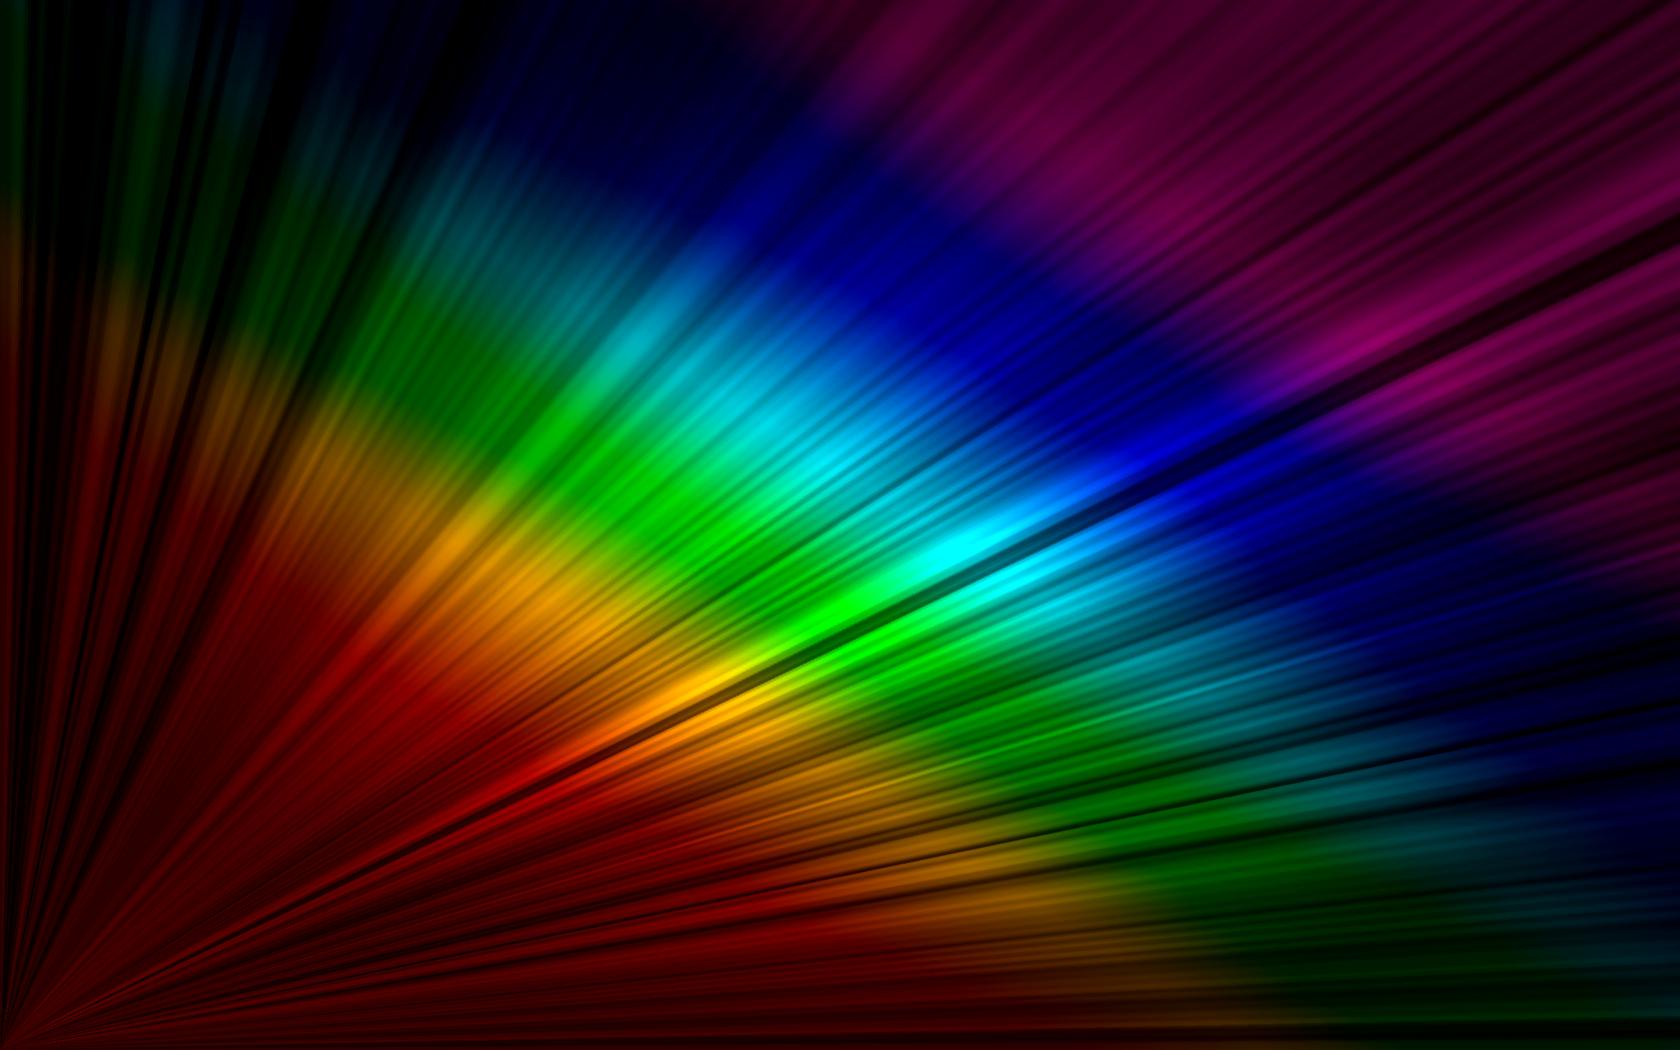 Rainbow Wallpaper Desktop: Astratto Arcobaleno Sfondi - Cerca Con Google